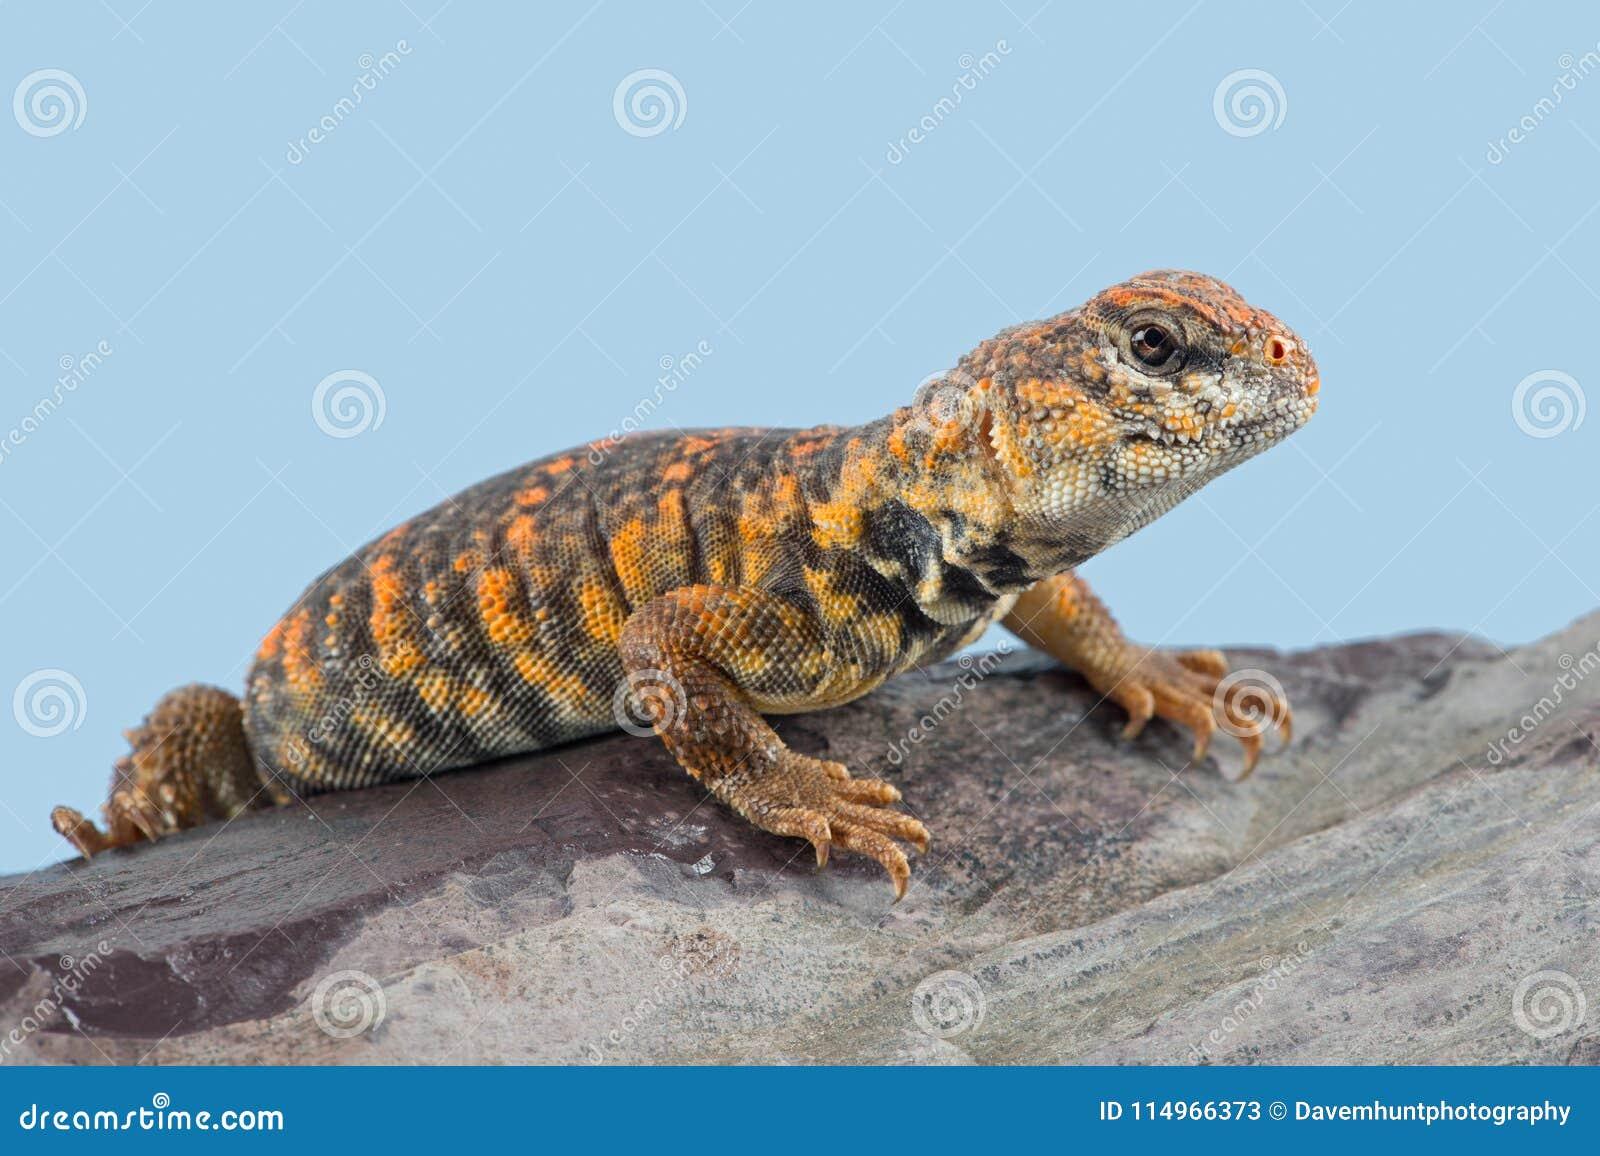 Saharan Spiny Tailed Lizard Uromastyx geyri